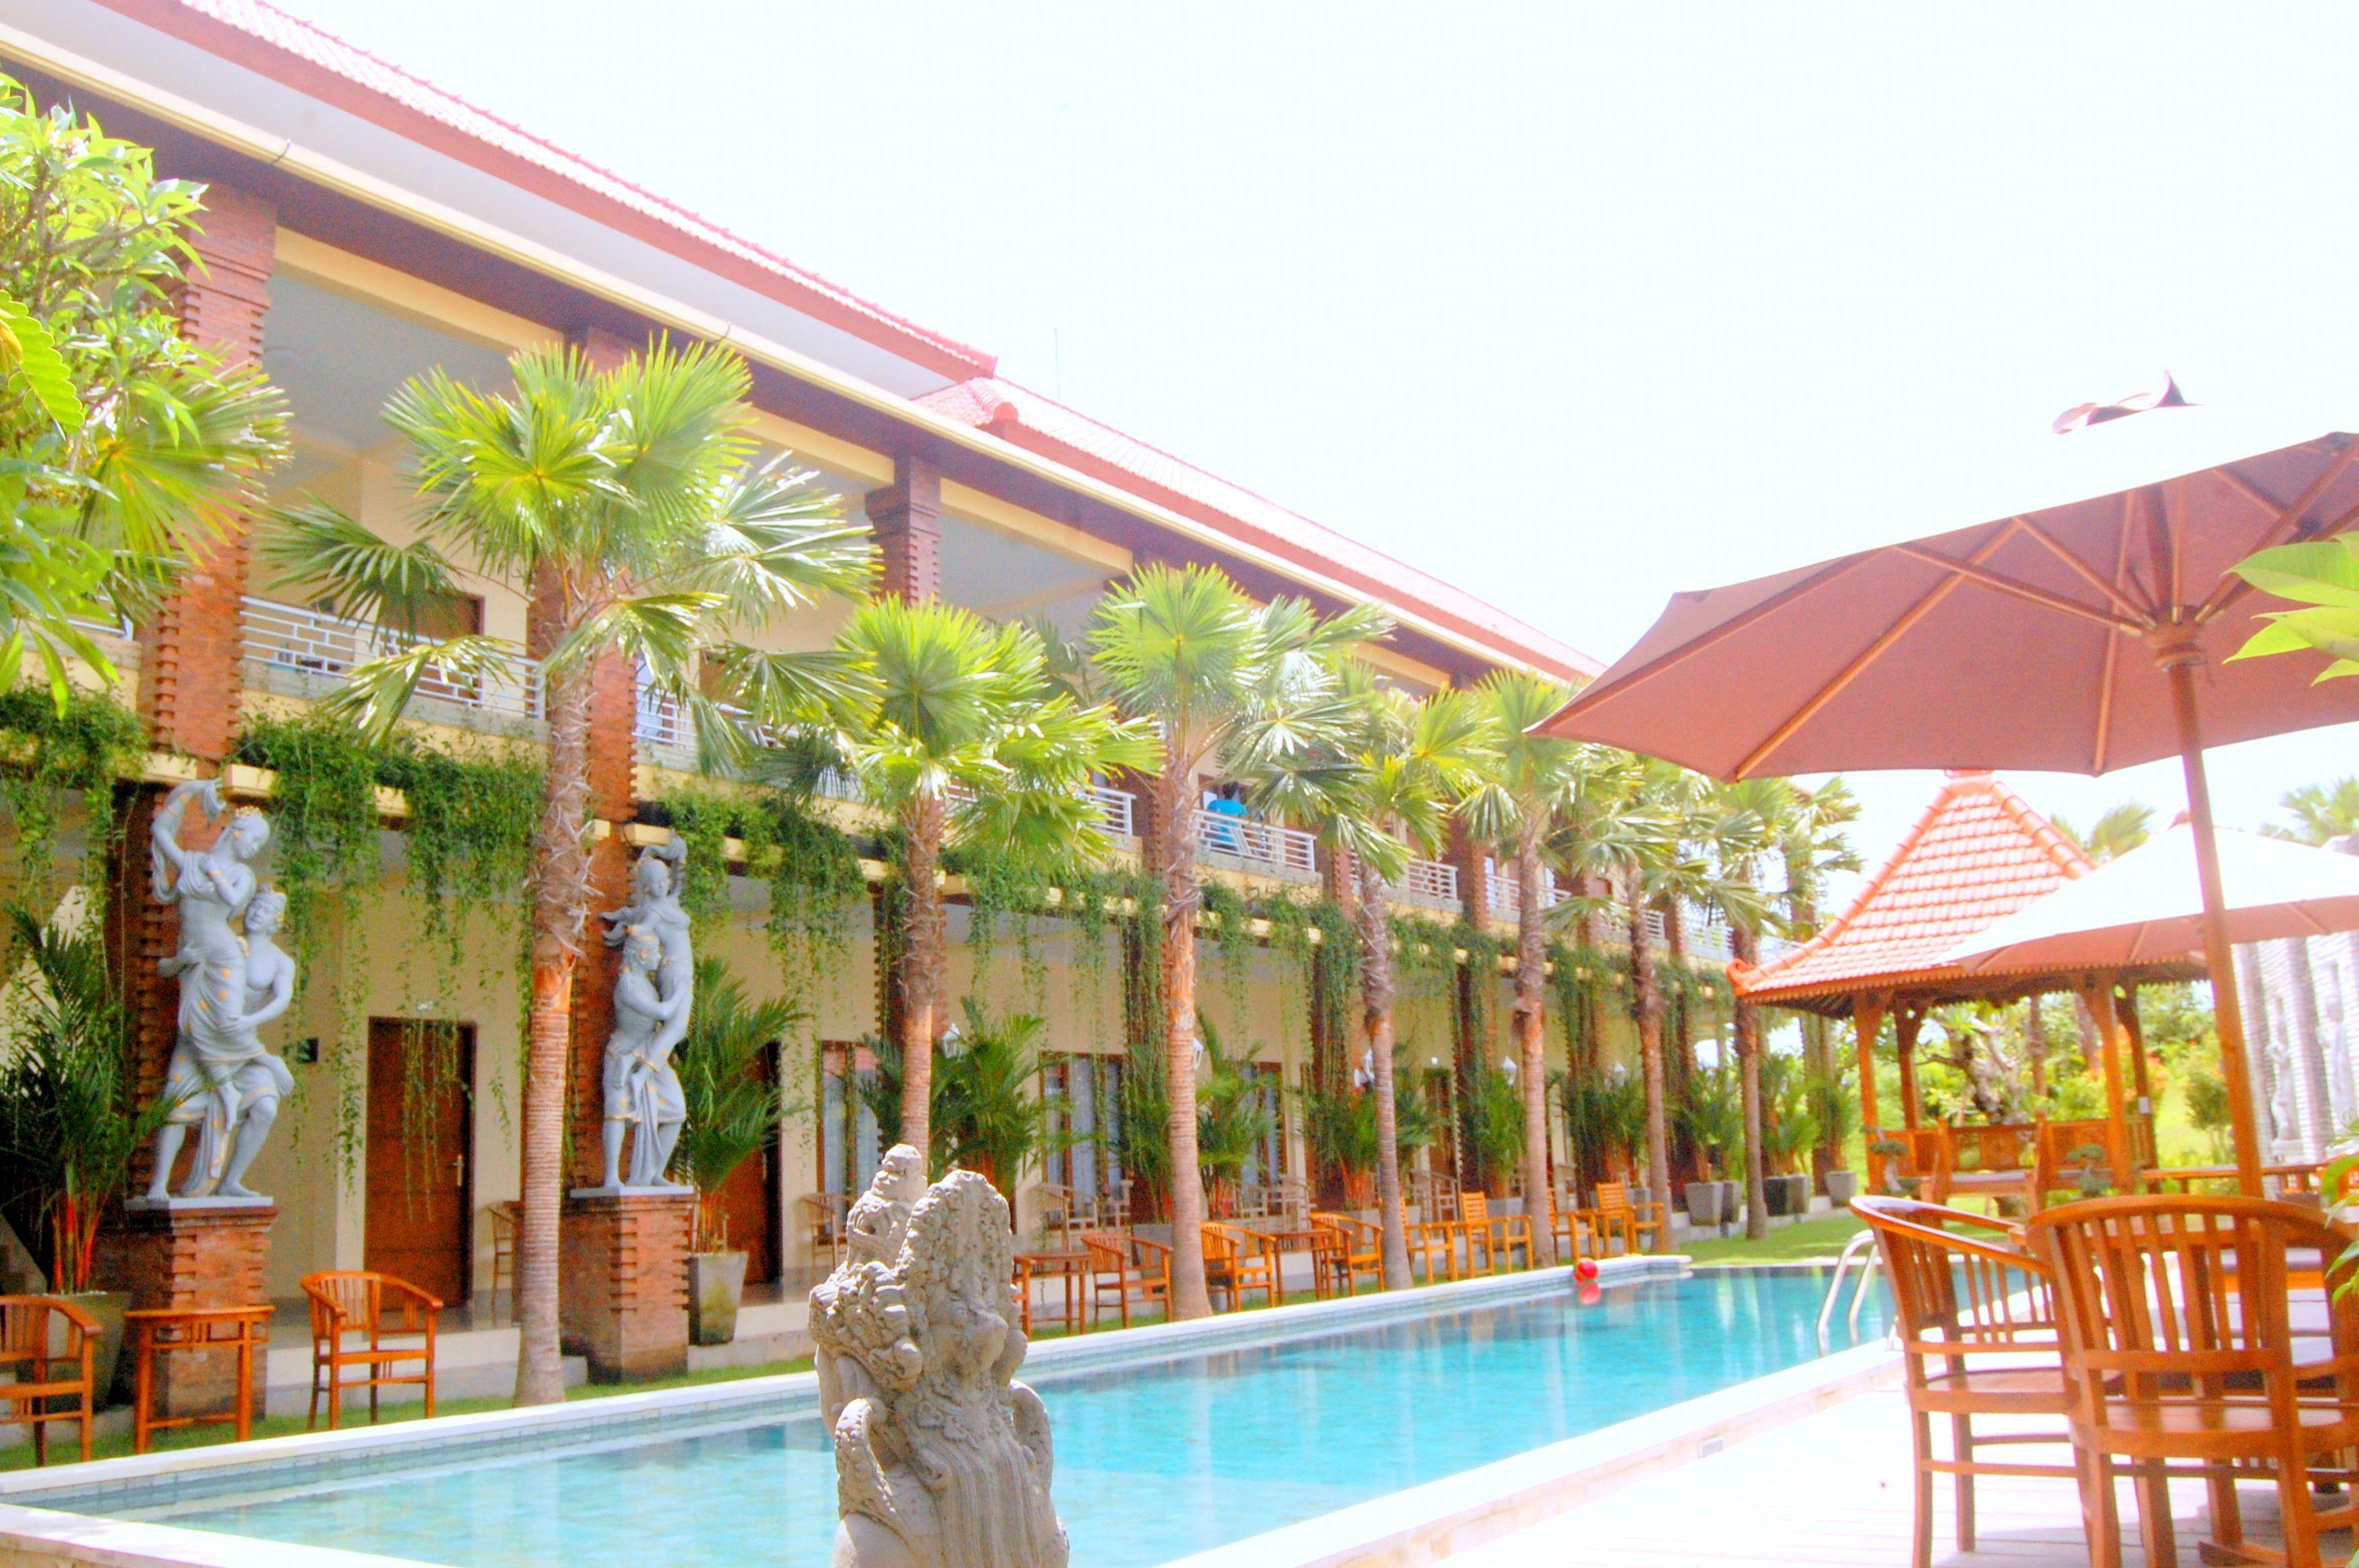 North Wing Canggu Resort, Badung